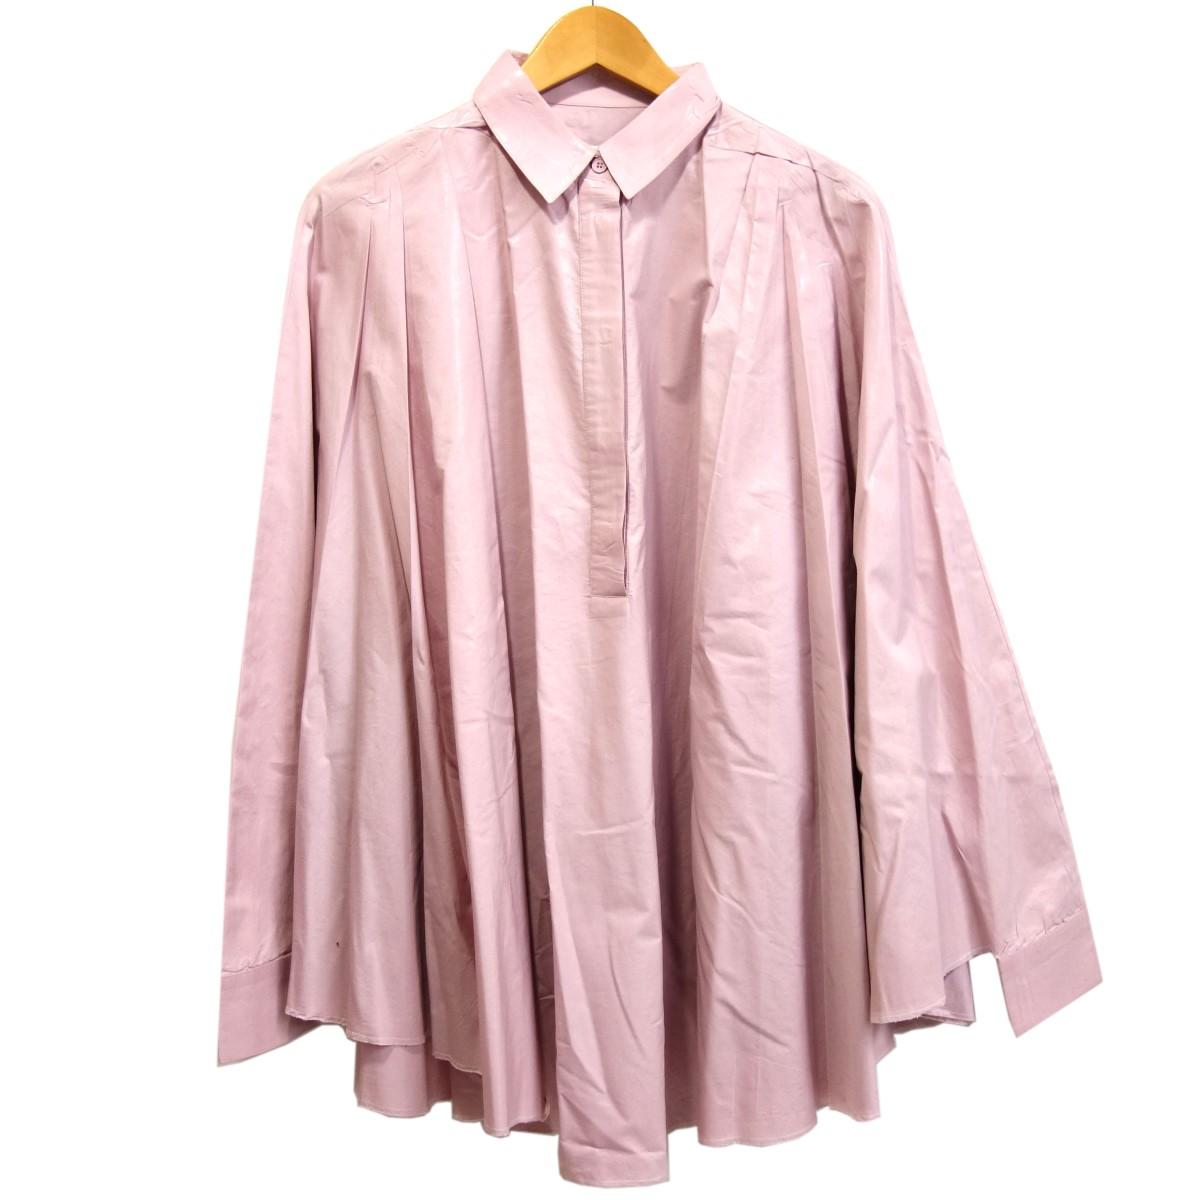 【中古】MM6 Maison Margiela ワイドシルエットプリーツコーティングシャツ パープル サイズ:42 【110320】(エムエムシックスメゾンマルジェラ)